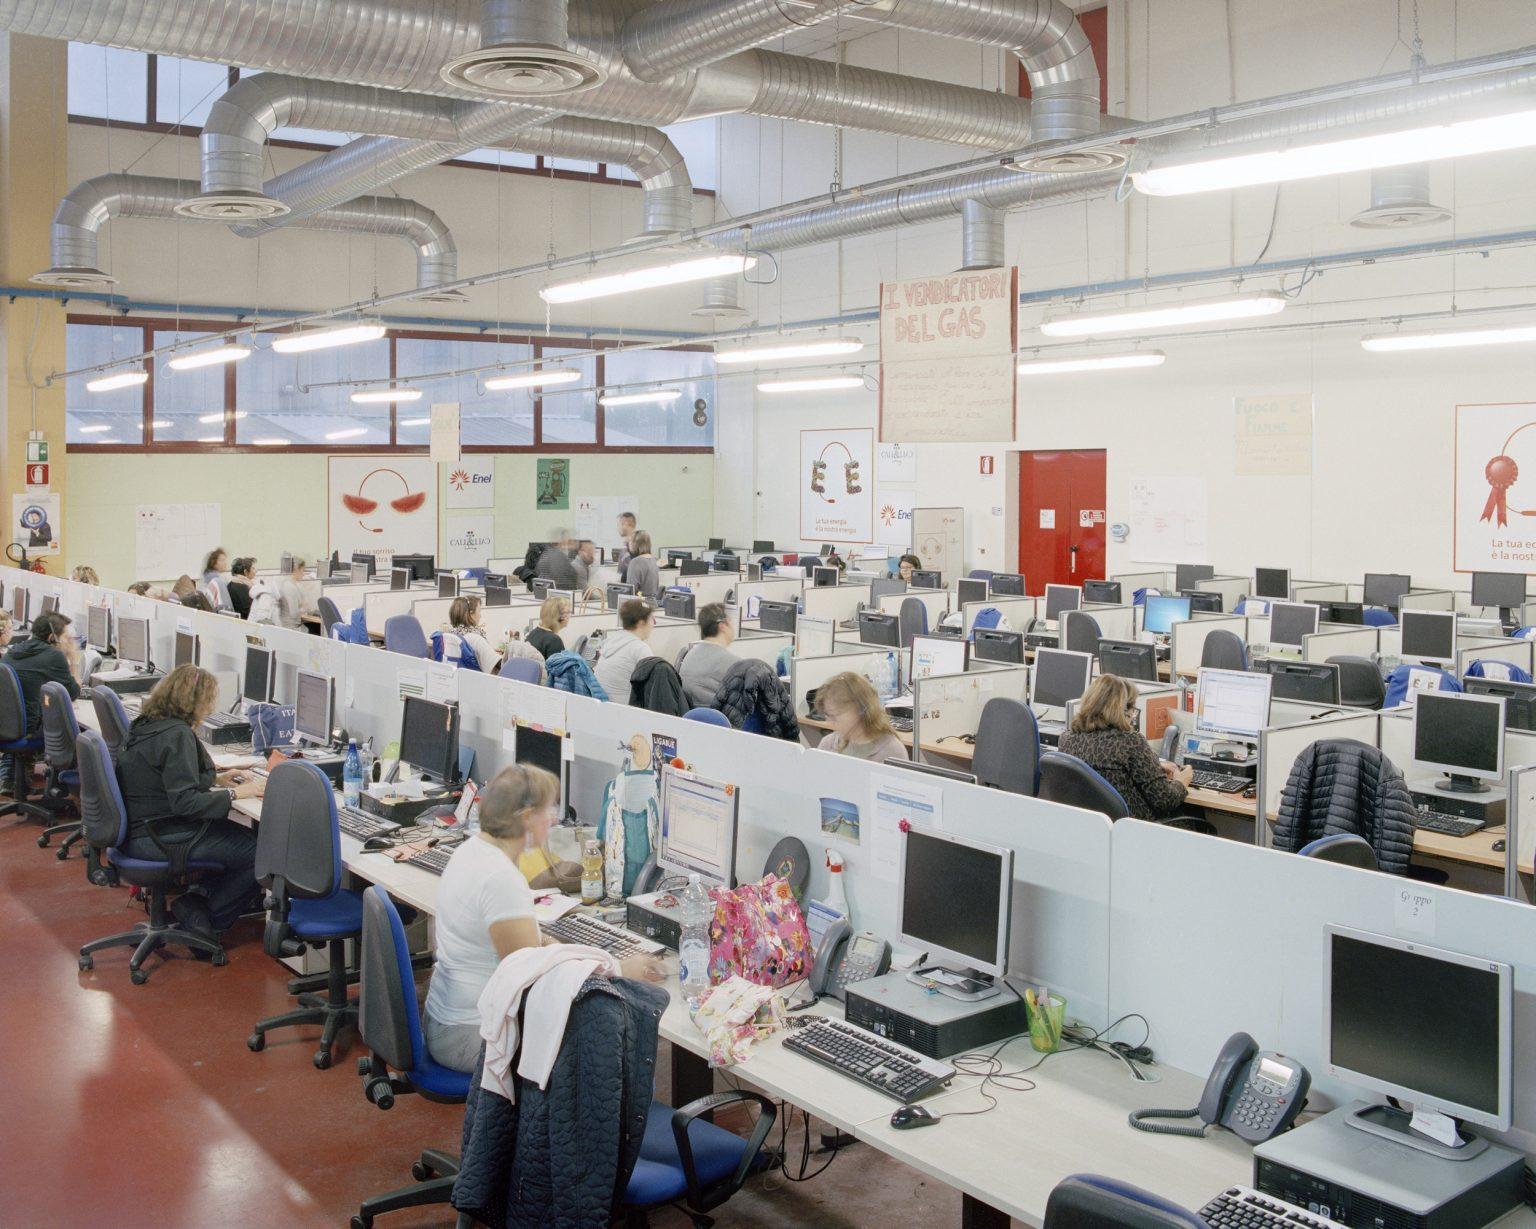 Call&Call, Pistoia (FI), 2015. 250 employees, 80% are women with an average age of 35 years old.  >< Call&Call, Pistoia (FI), 2015. Call center della Call&Call, 250 dipendenti di cui 80% donne con eta` media di 35 anni.